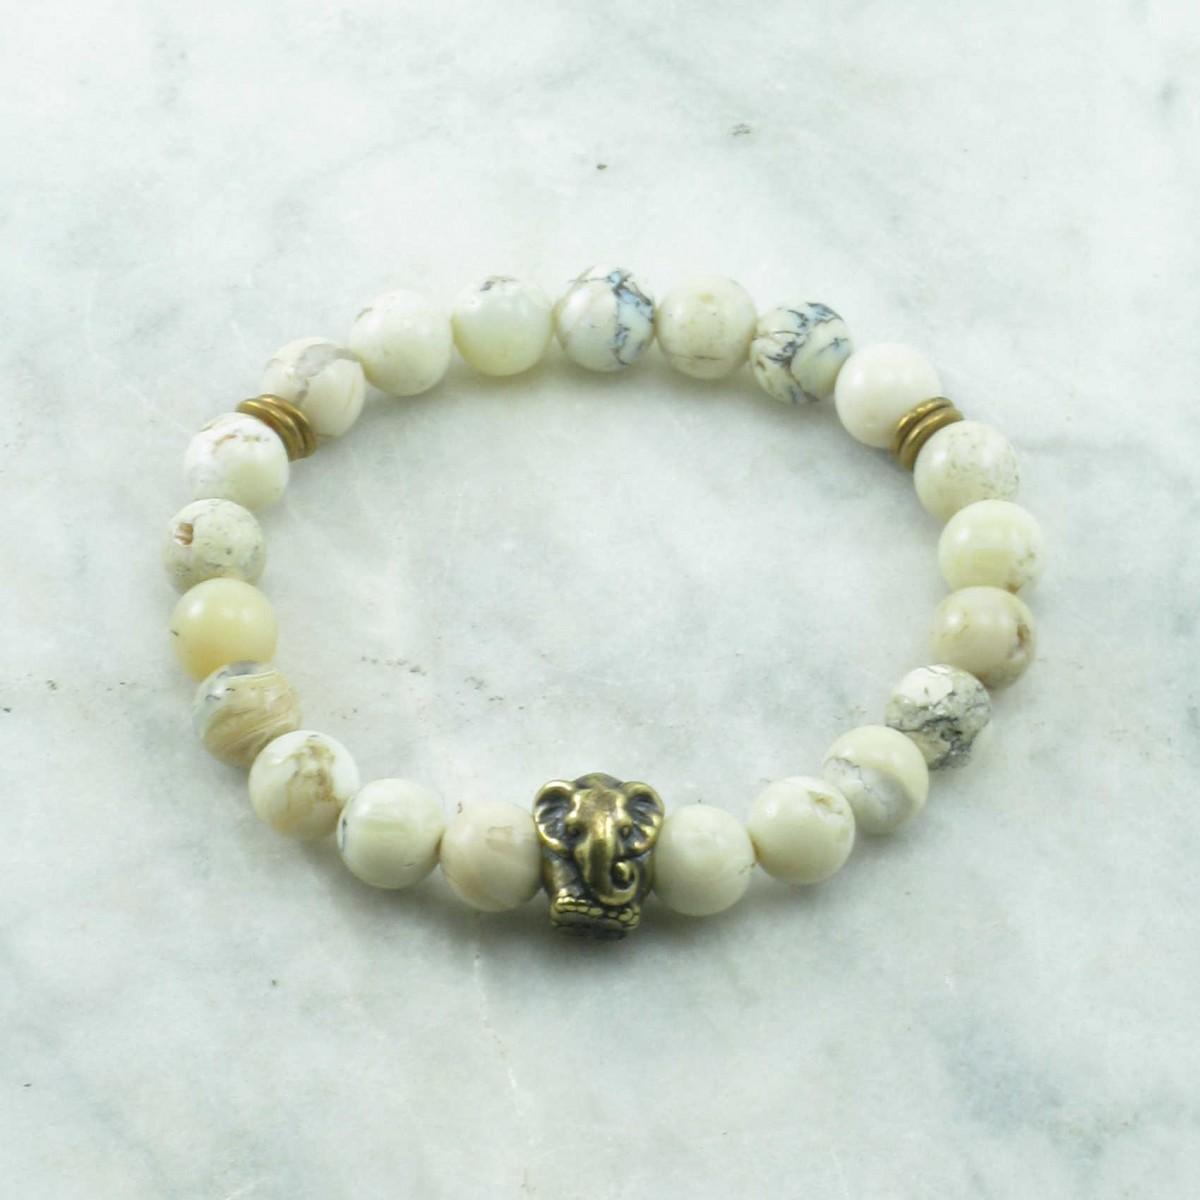 Elephant_Mala_Beads_White_Opal_Mala_Bracelet